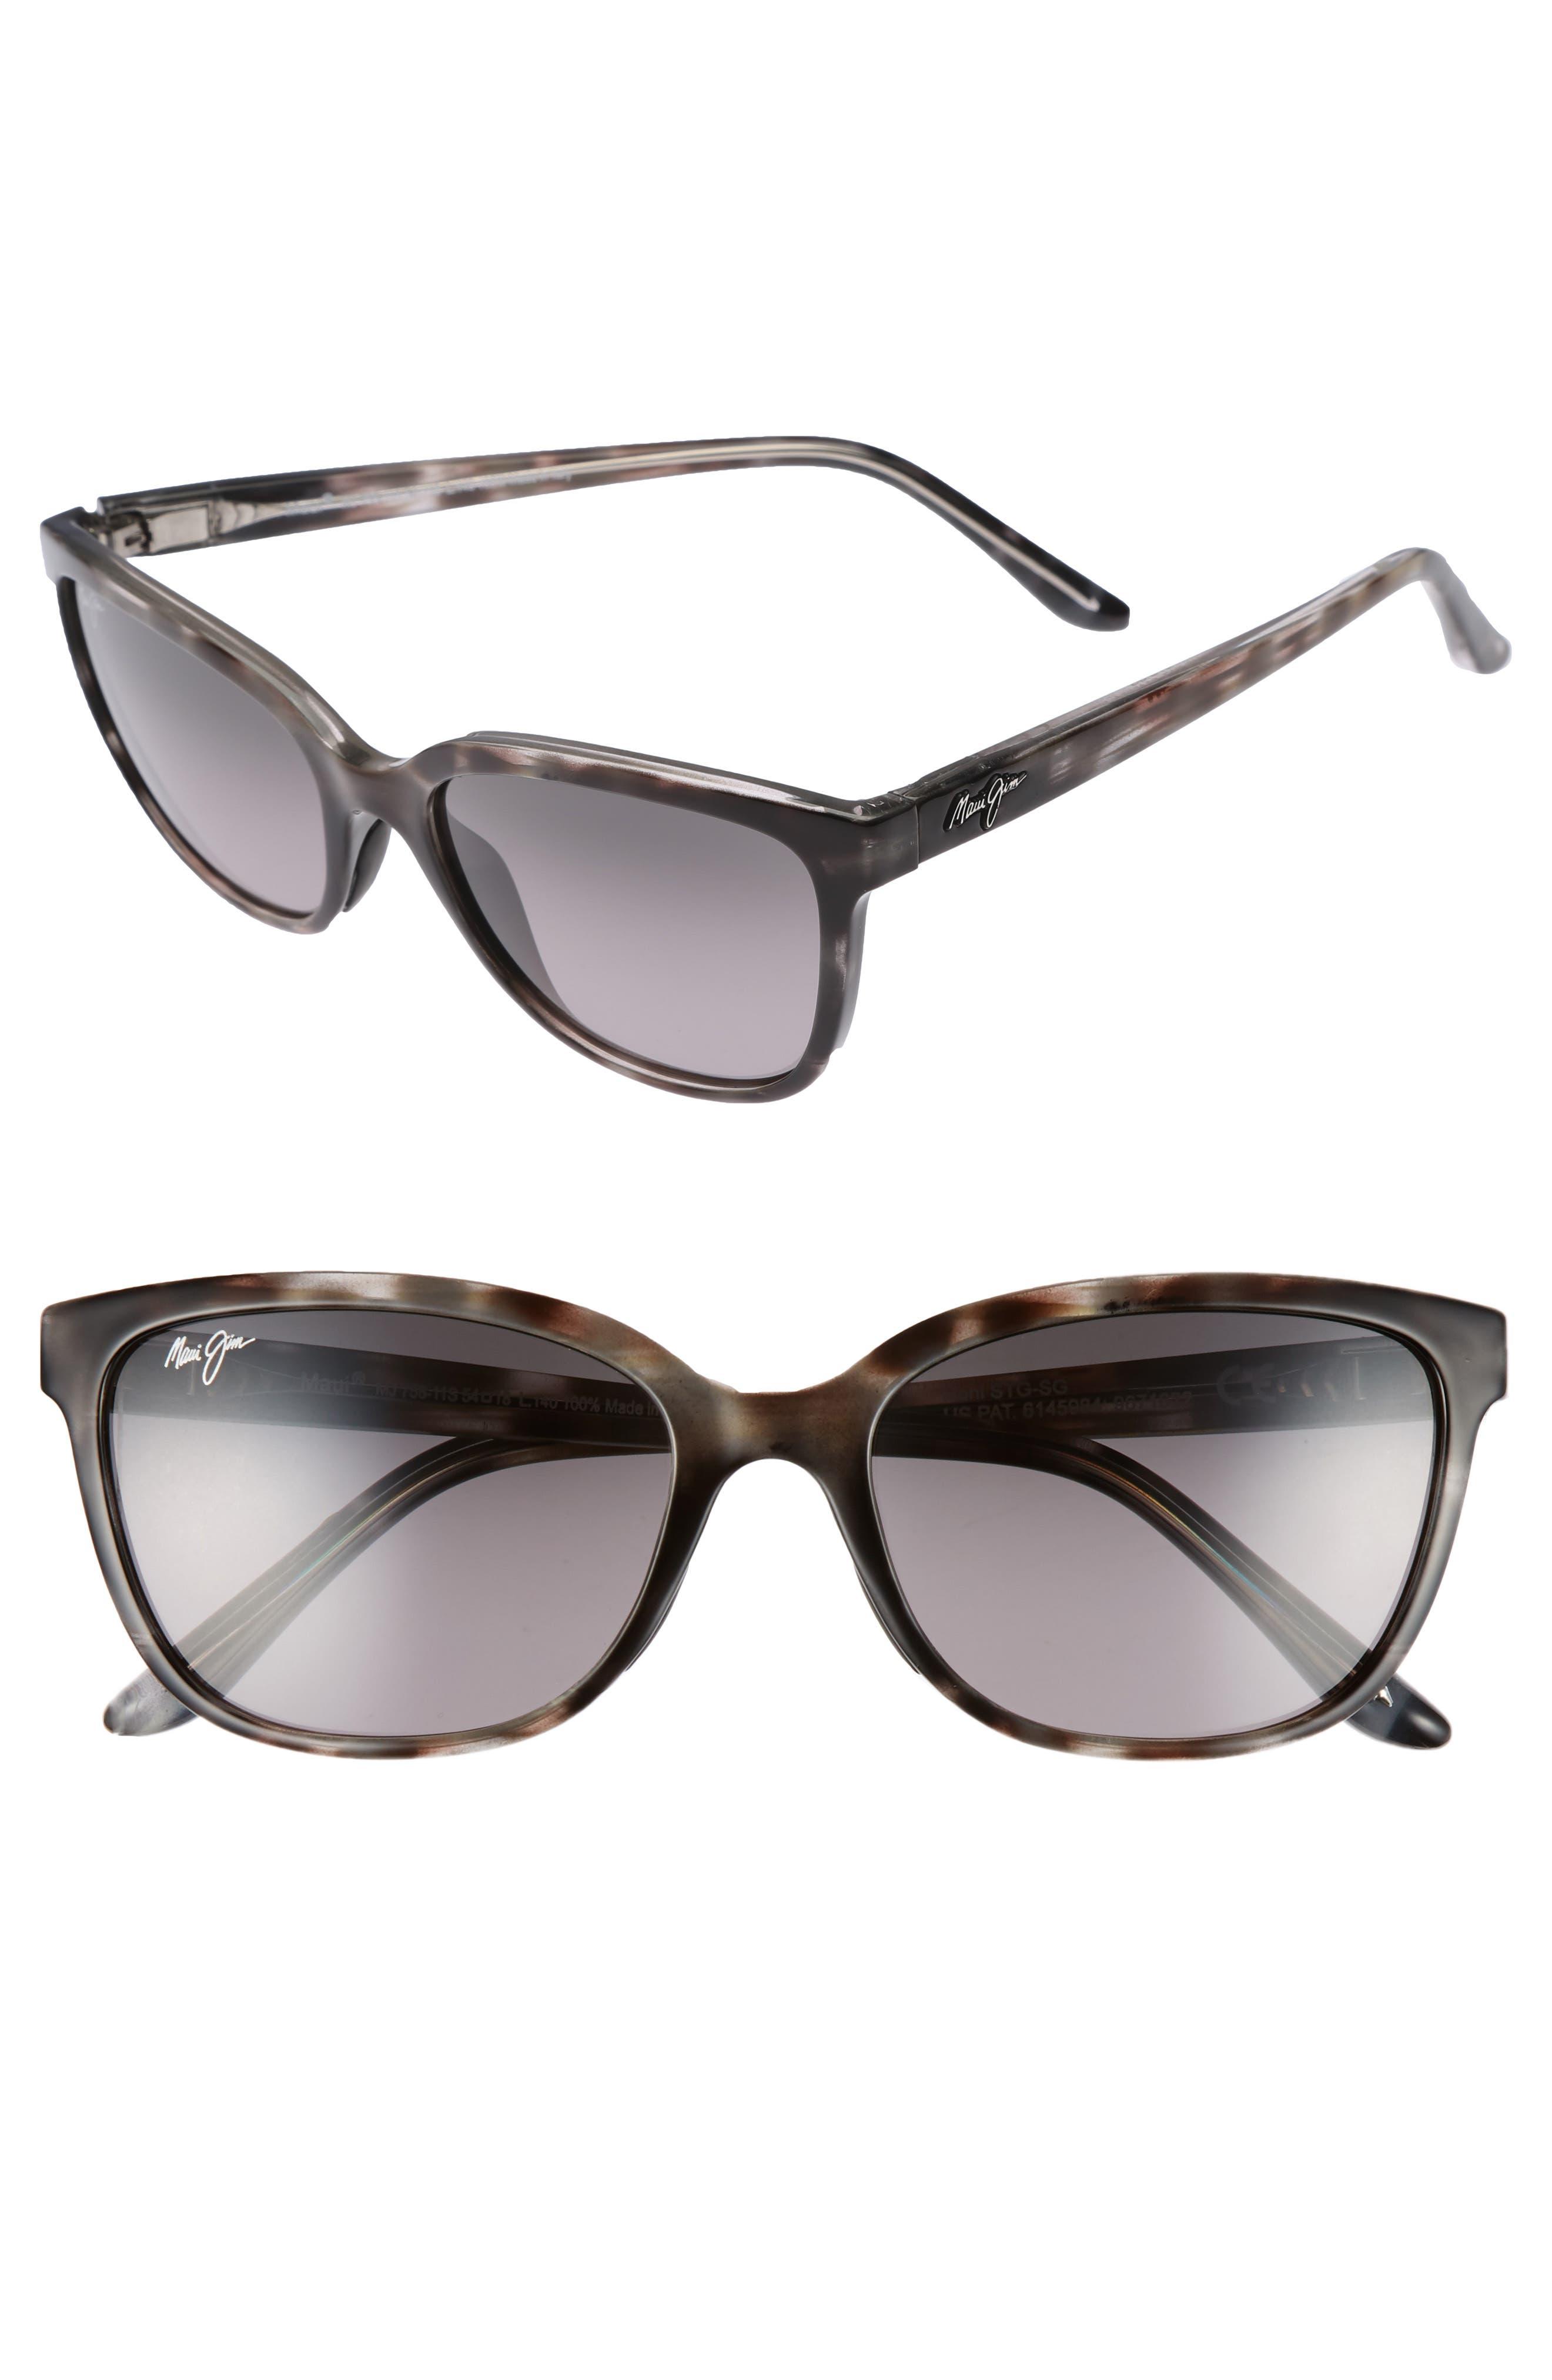 Honi 54mm Polarized Cat Eye Sunglasses,                             Main thumbnail 1, color,                             GREY TORTOISE STRIPE